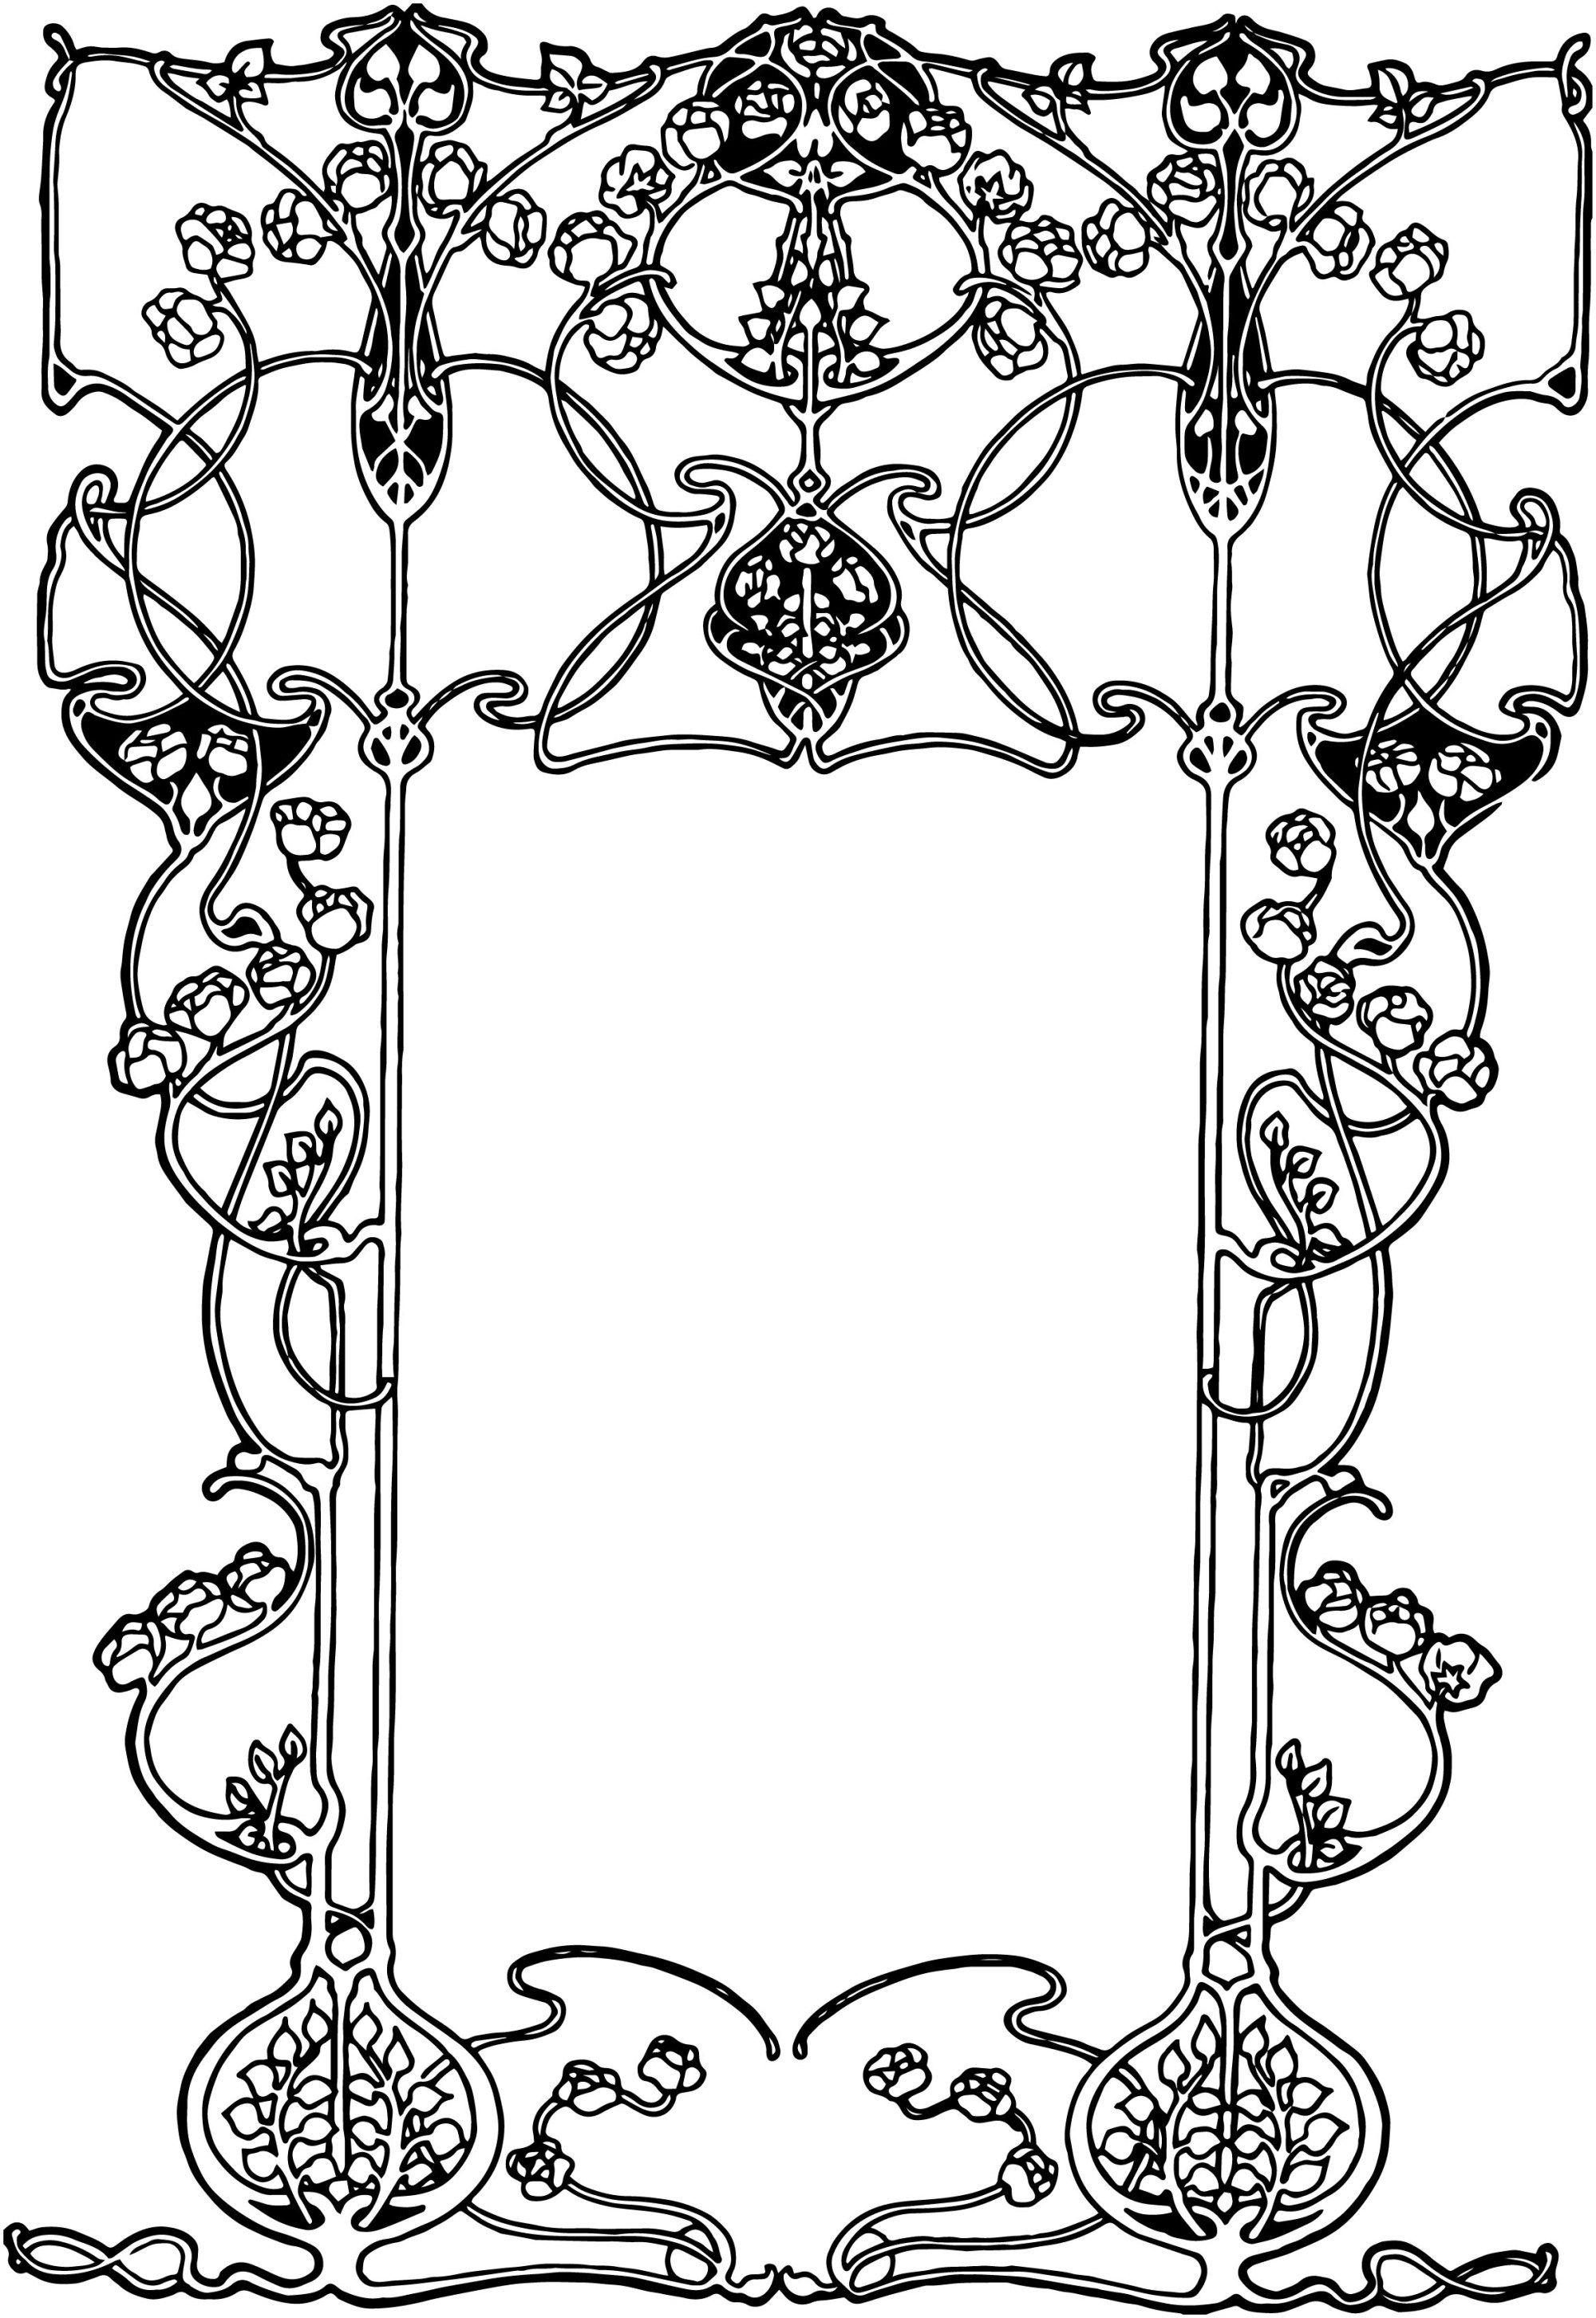 Free Vintage Image Art Nouveau Ornate Floral Border Art Nouveau Pattern Art Nouveau Design Art Nouveau